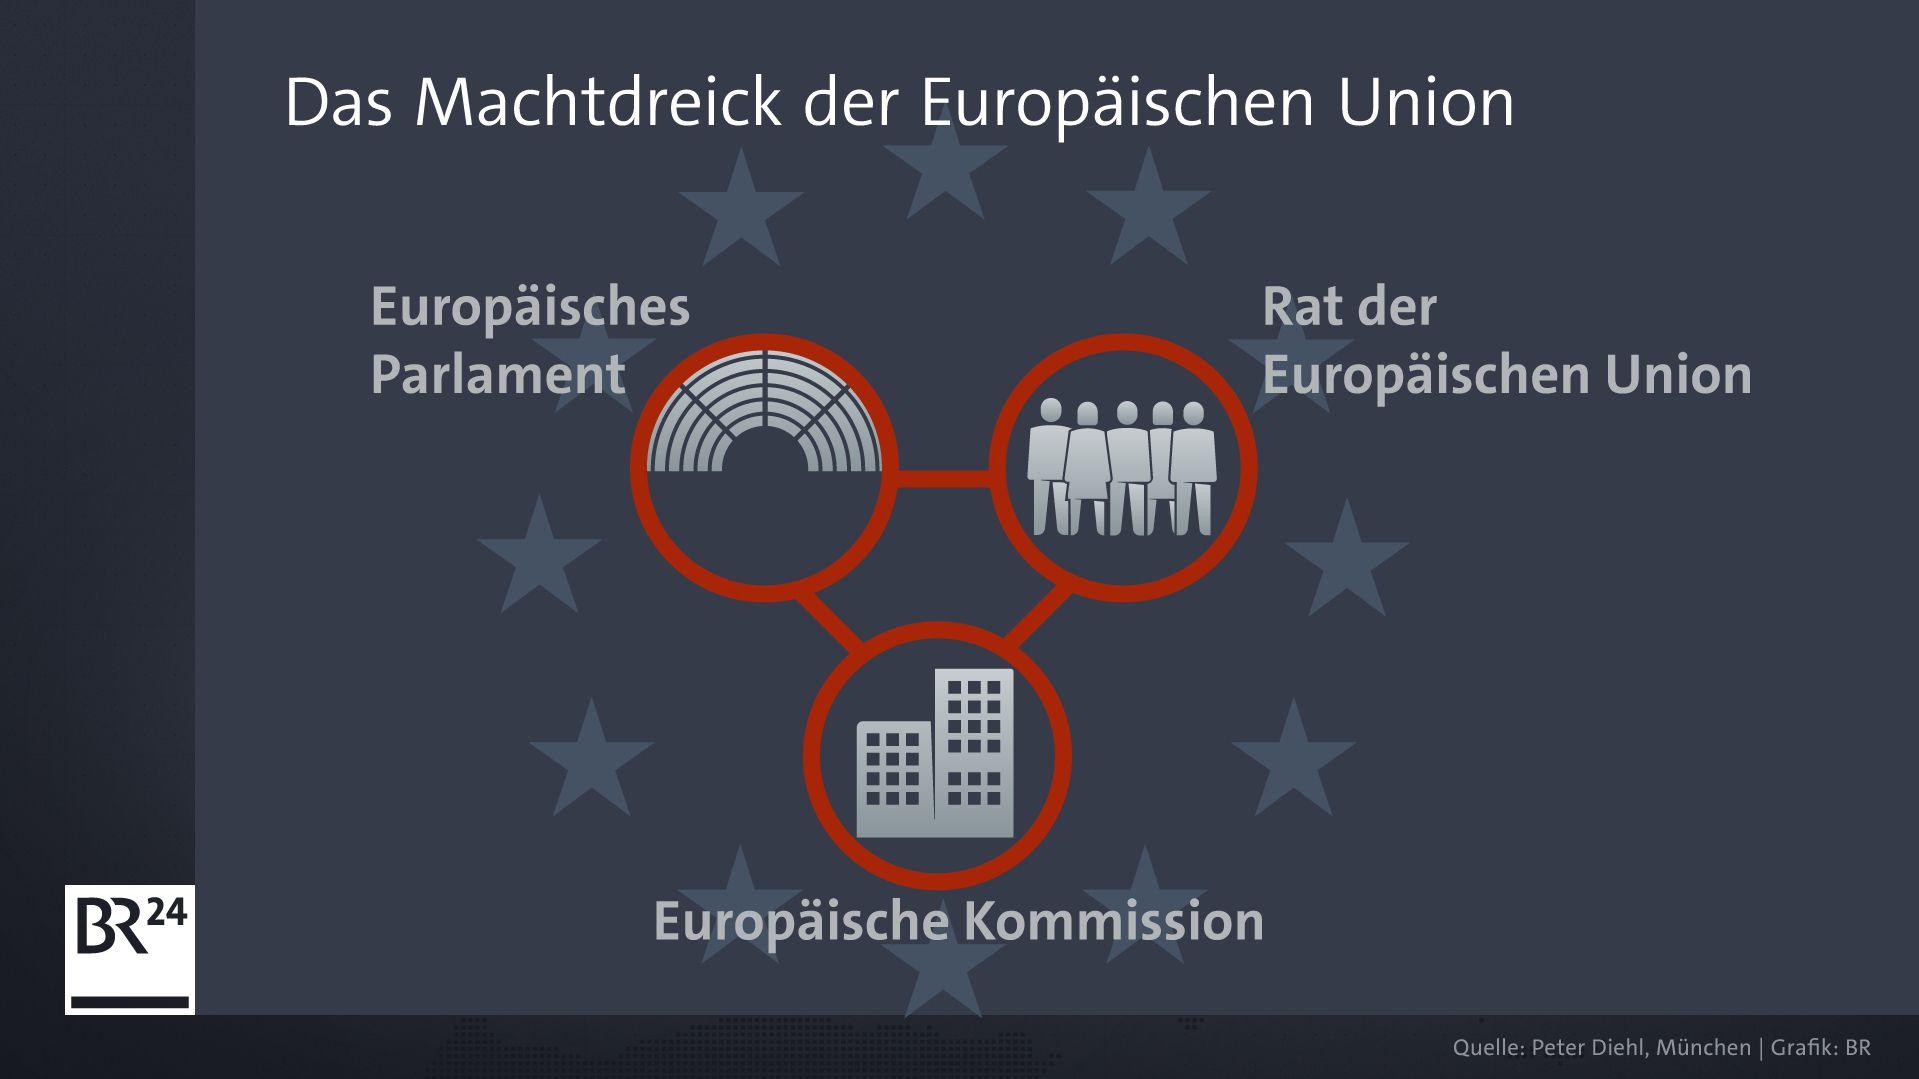 Das Machtdreieck der EU